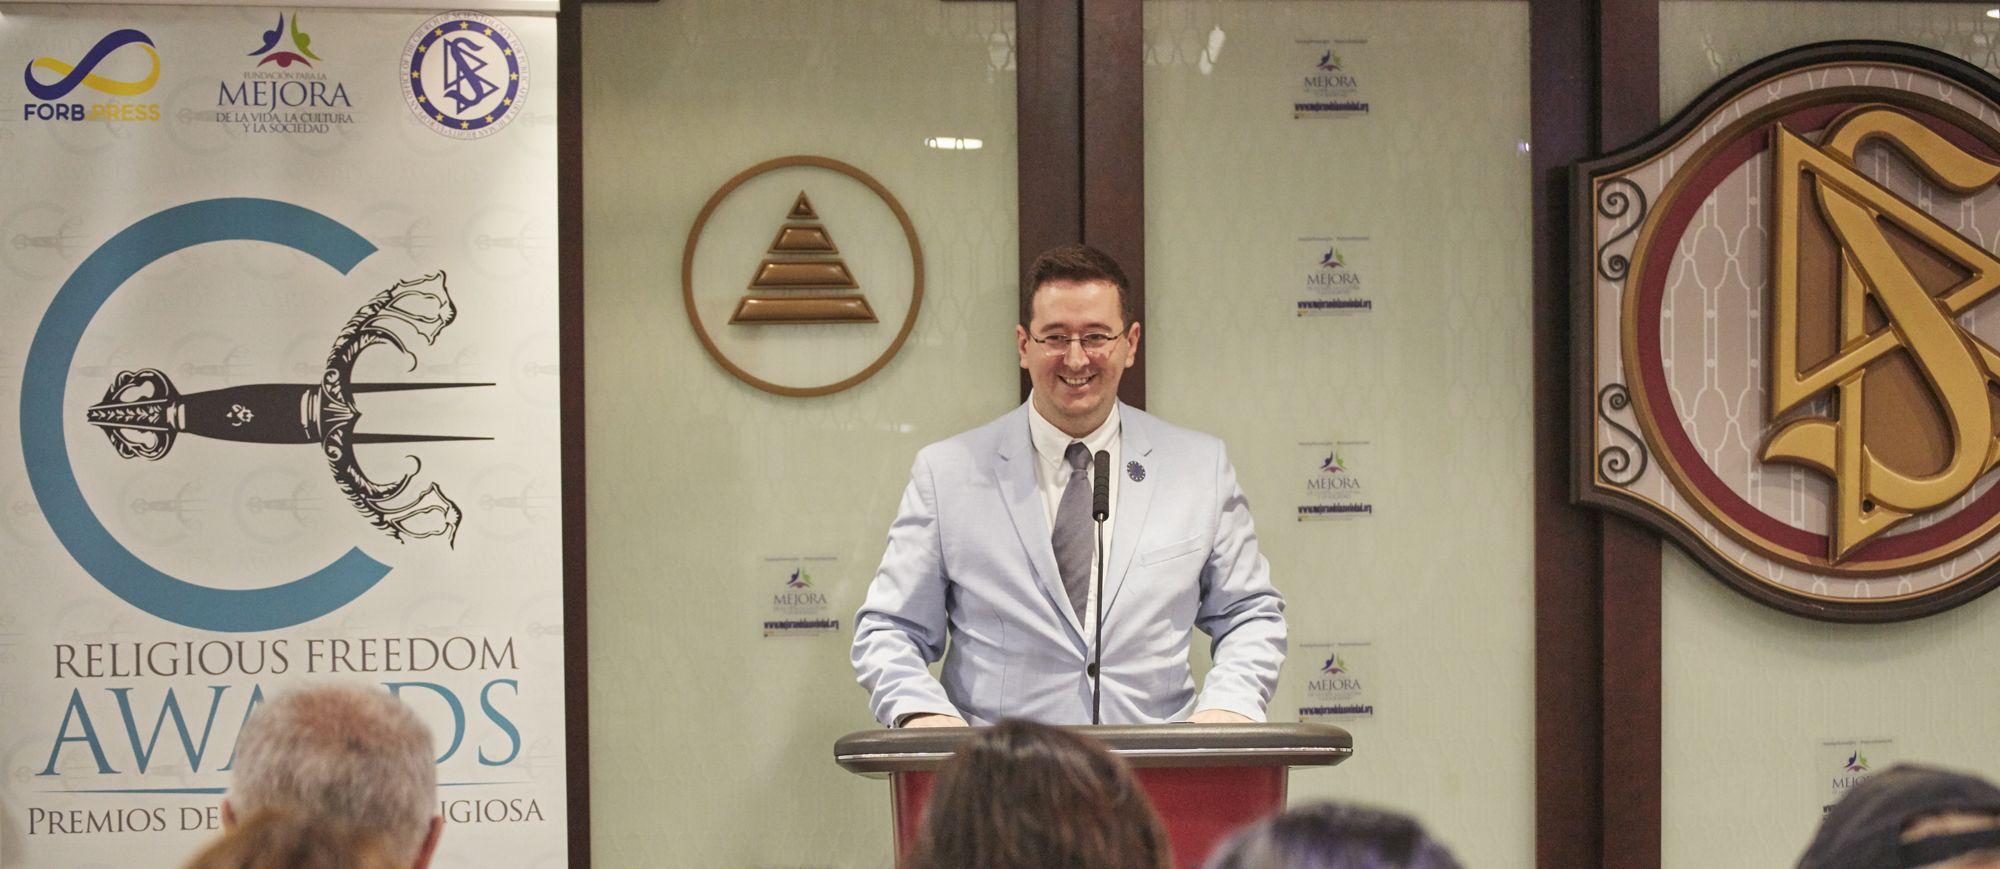 Fotografia Ivan Arjona en la entrega de premios